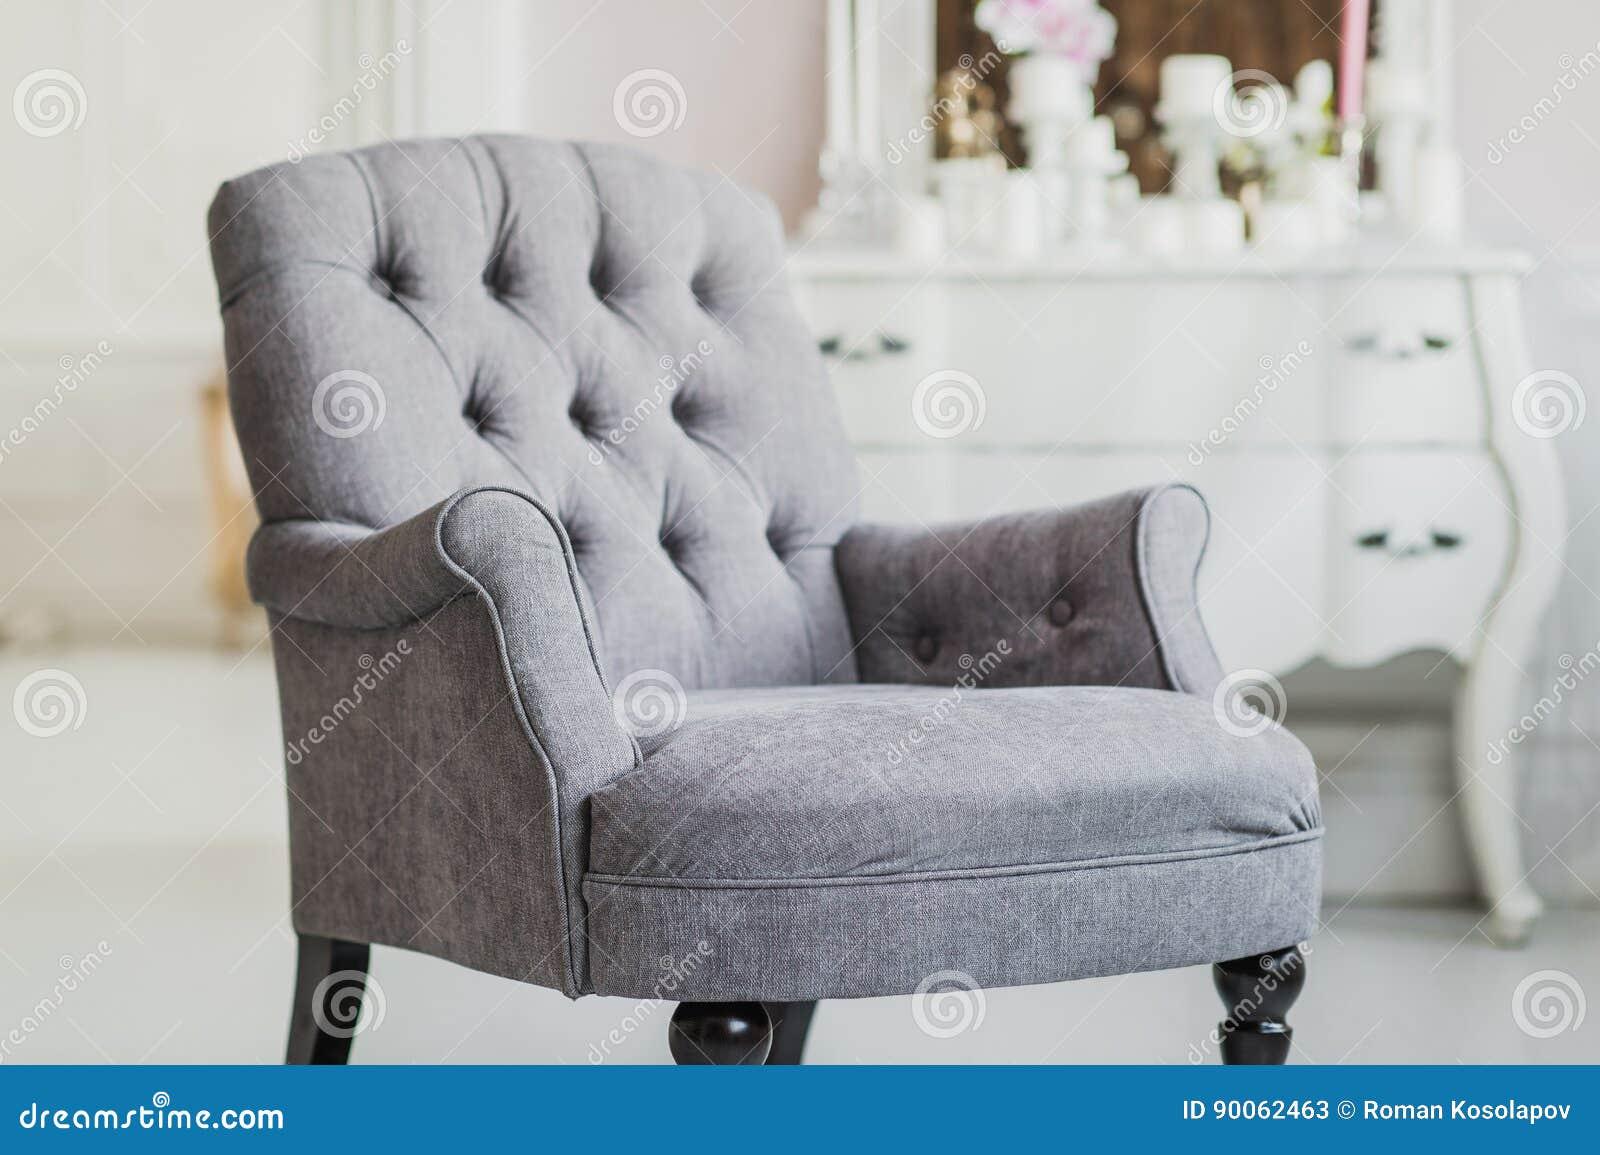 La Couleur Beige A Tapissé La Chaise Dans Le Salon Avec Des Fleurs